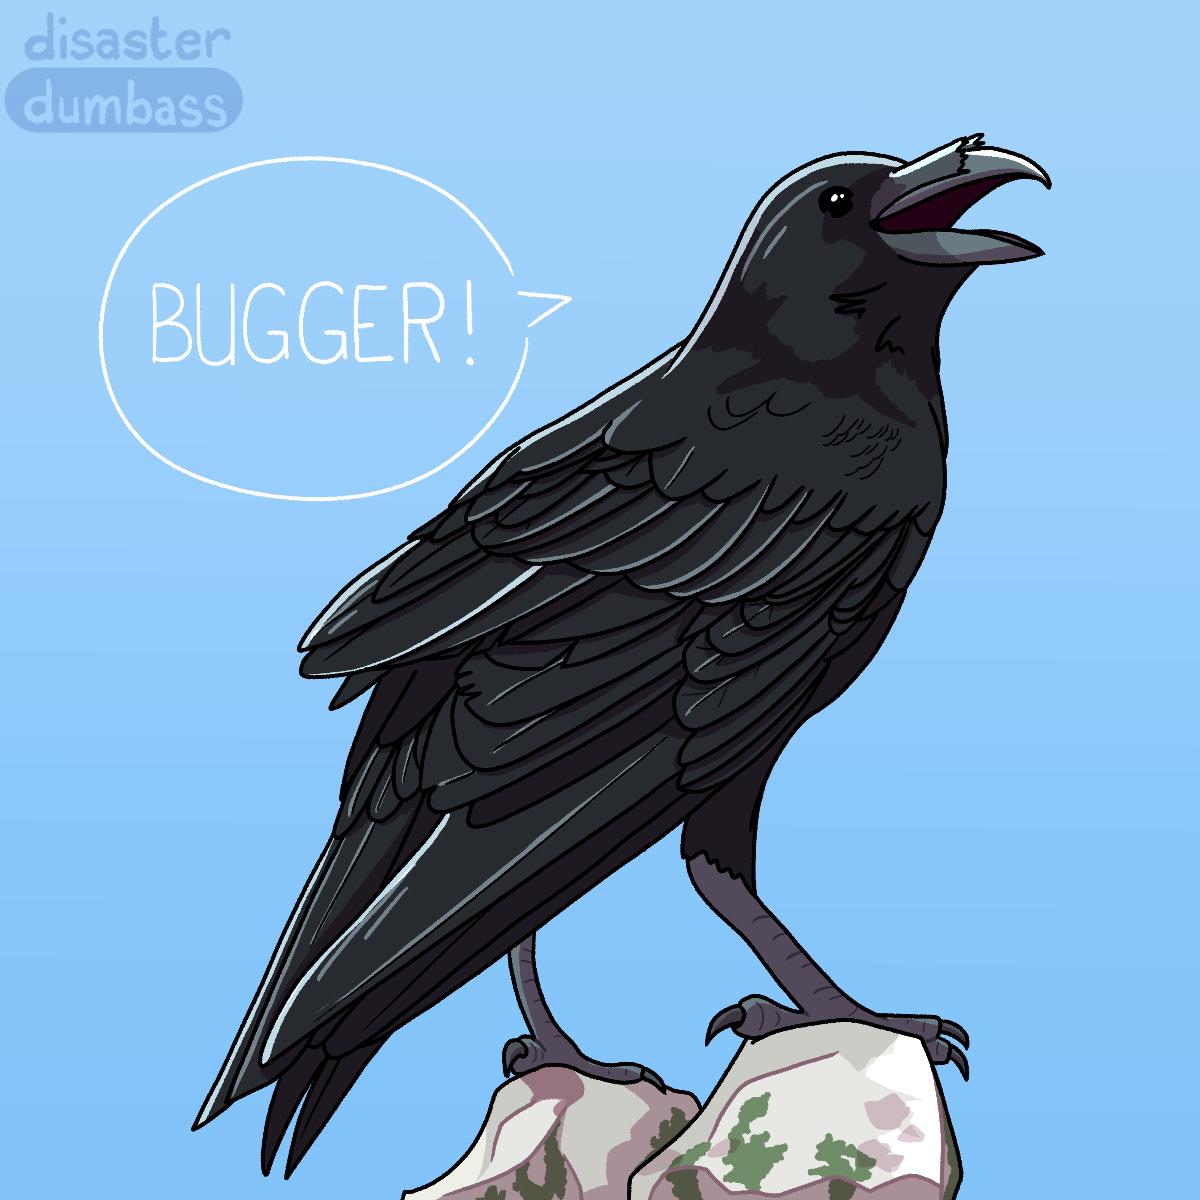 Windsor: Bugger!